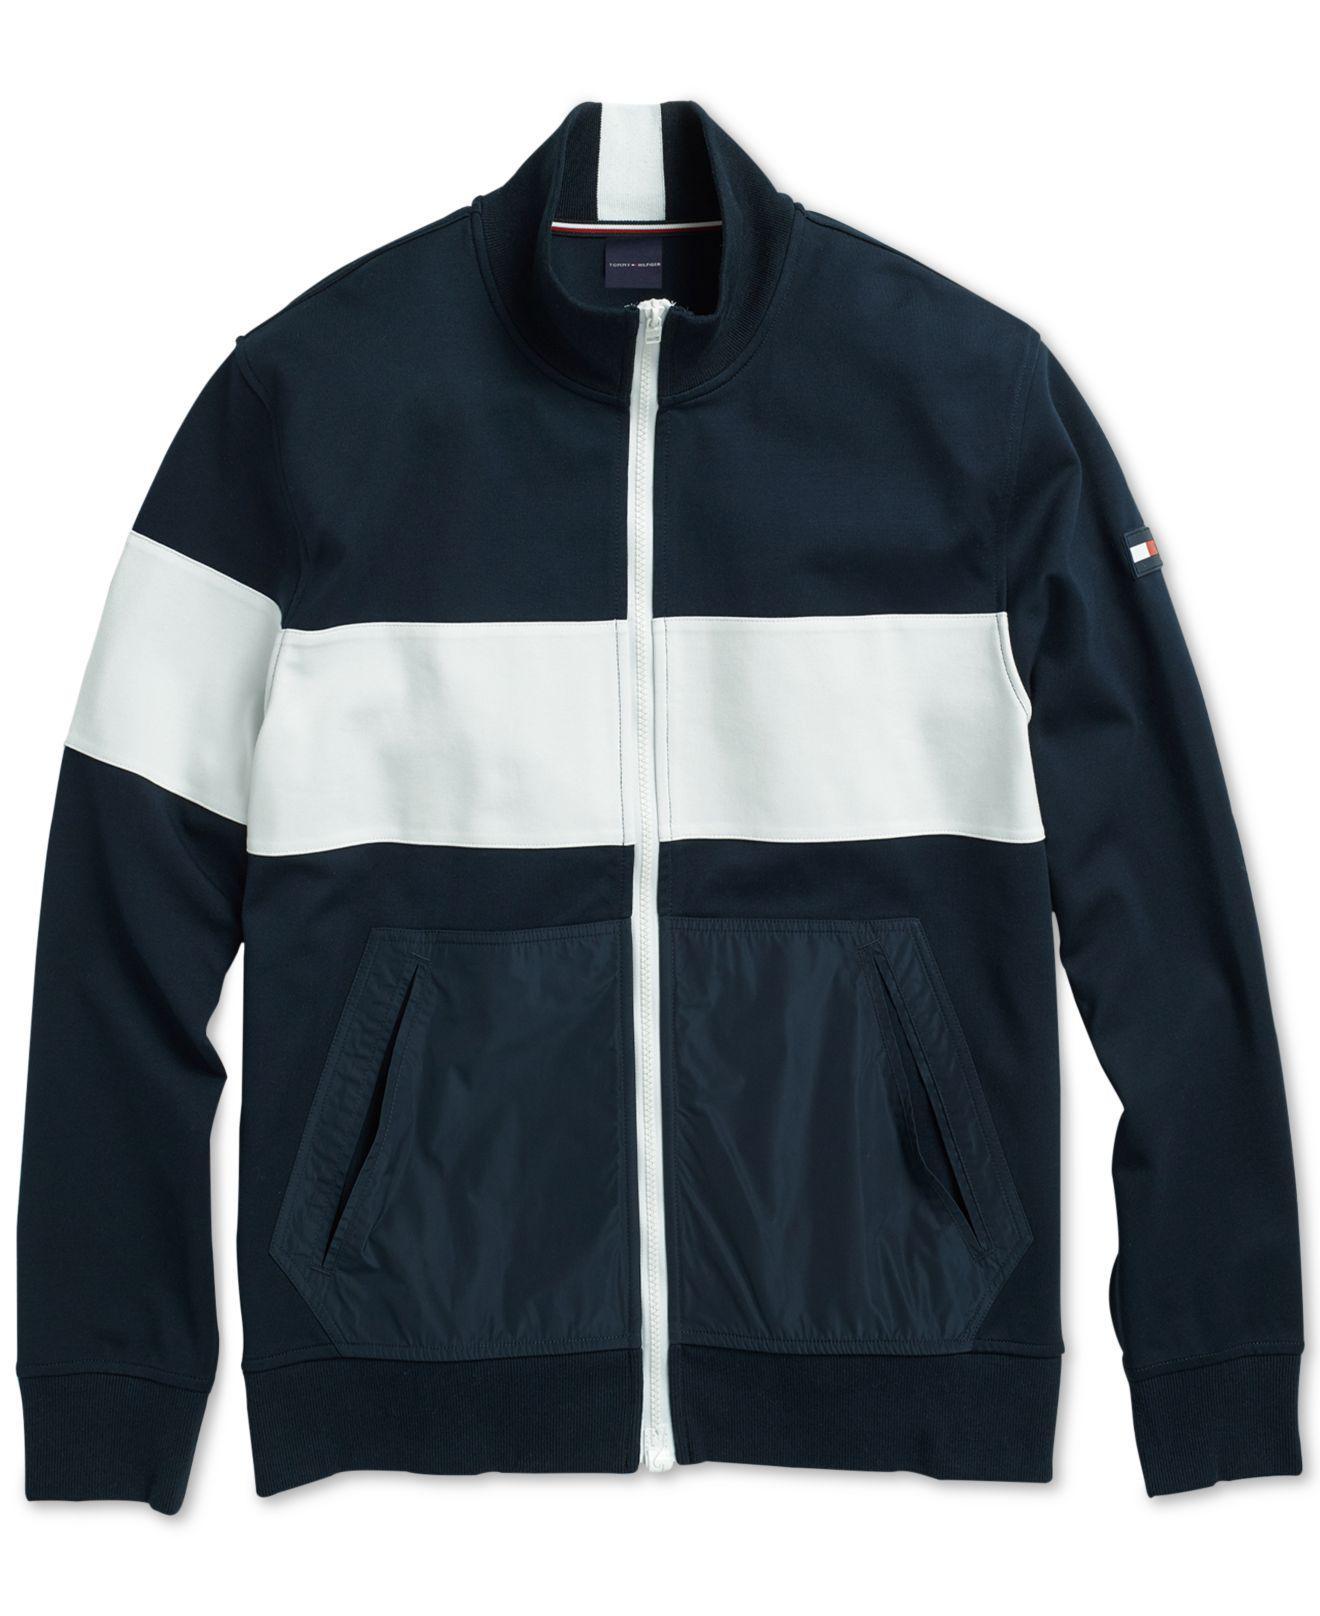 c23142a0 Lyst - Tommy Hilfiger Mariner Fleece Jacket in Blue for Men